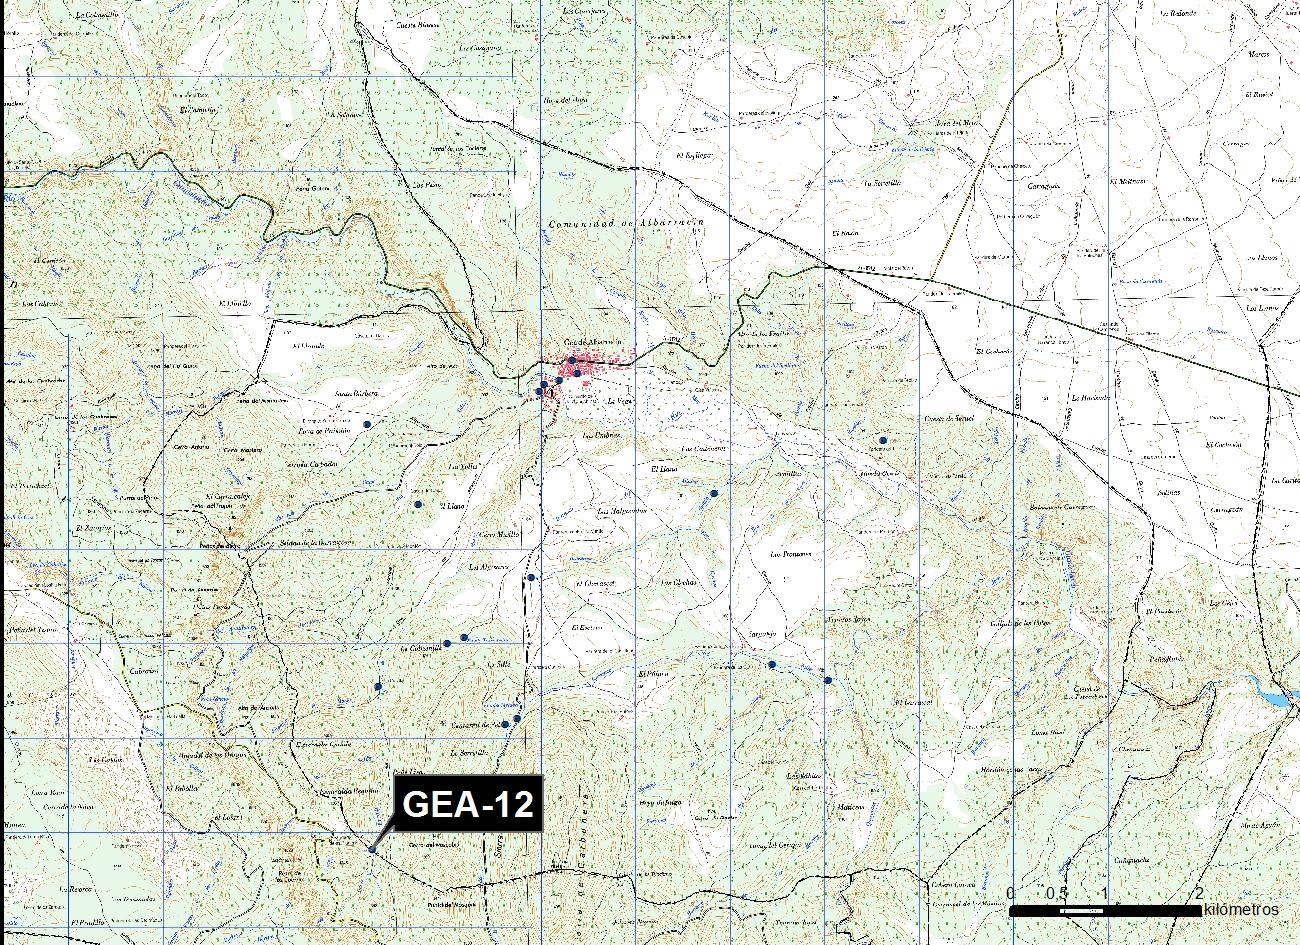 GEA_12_M.V.LOZANO_MOSQUITO_MAP.TOPO 1